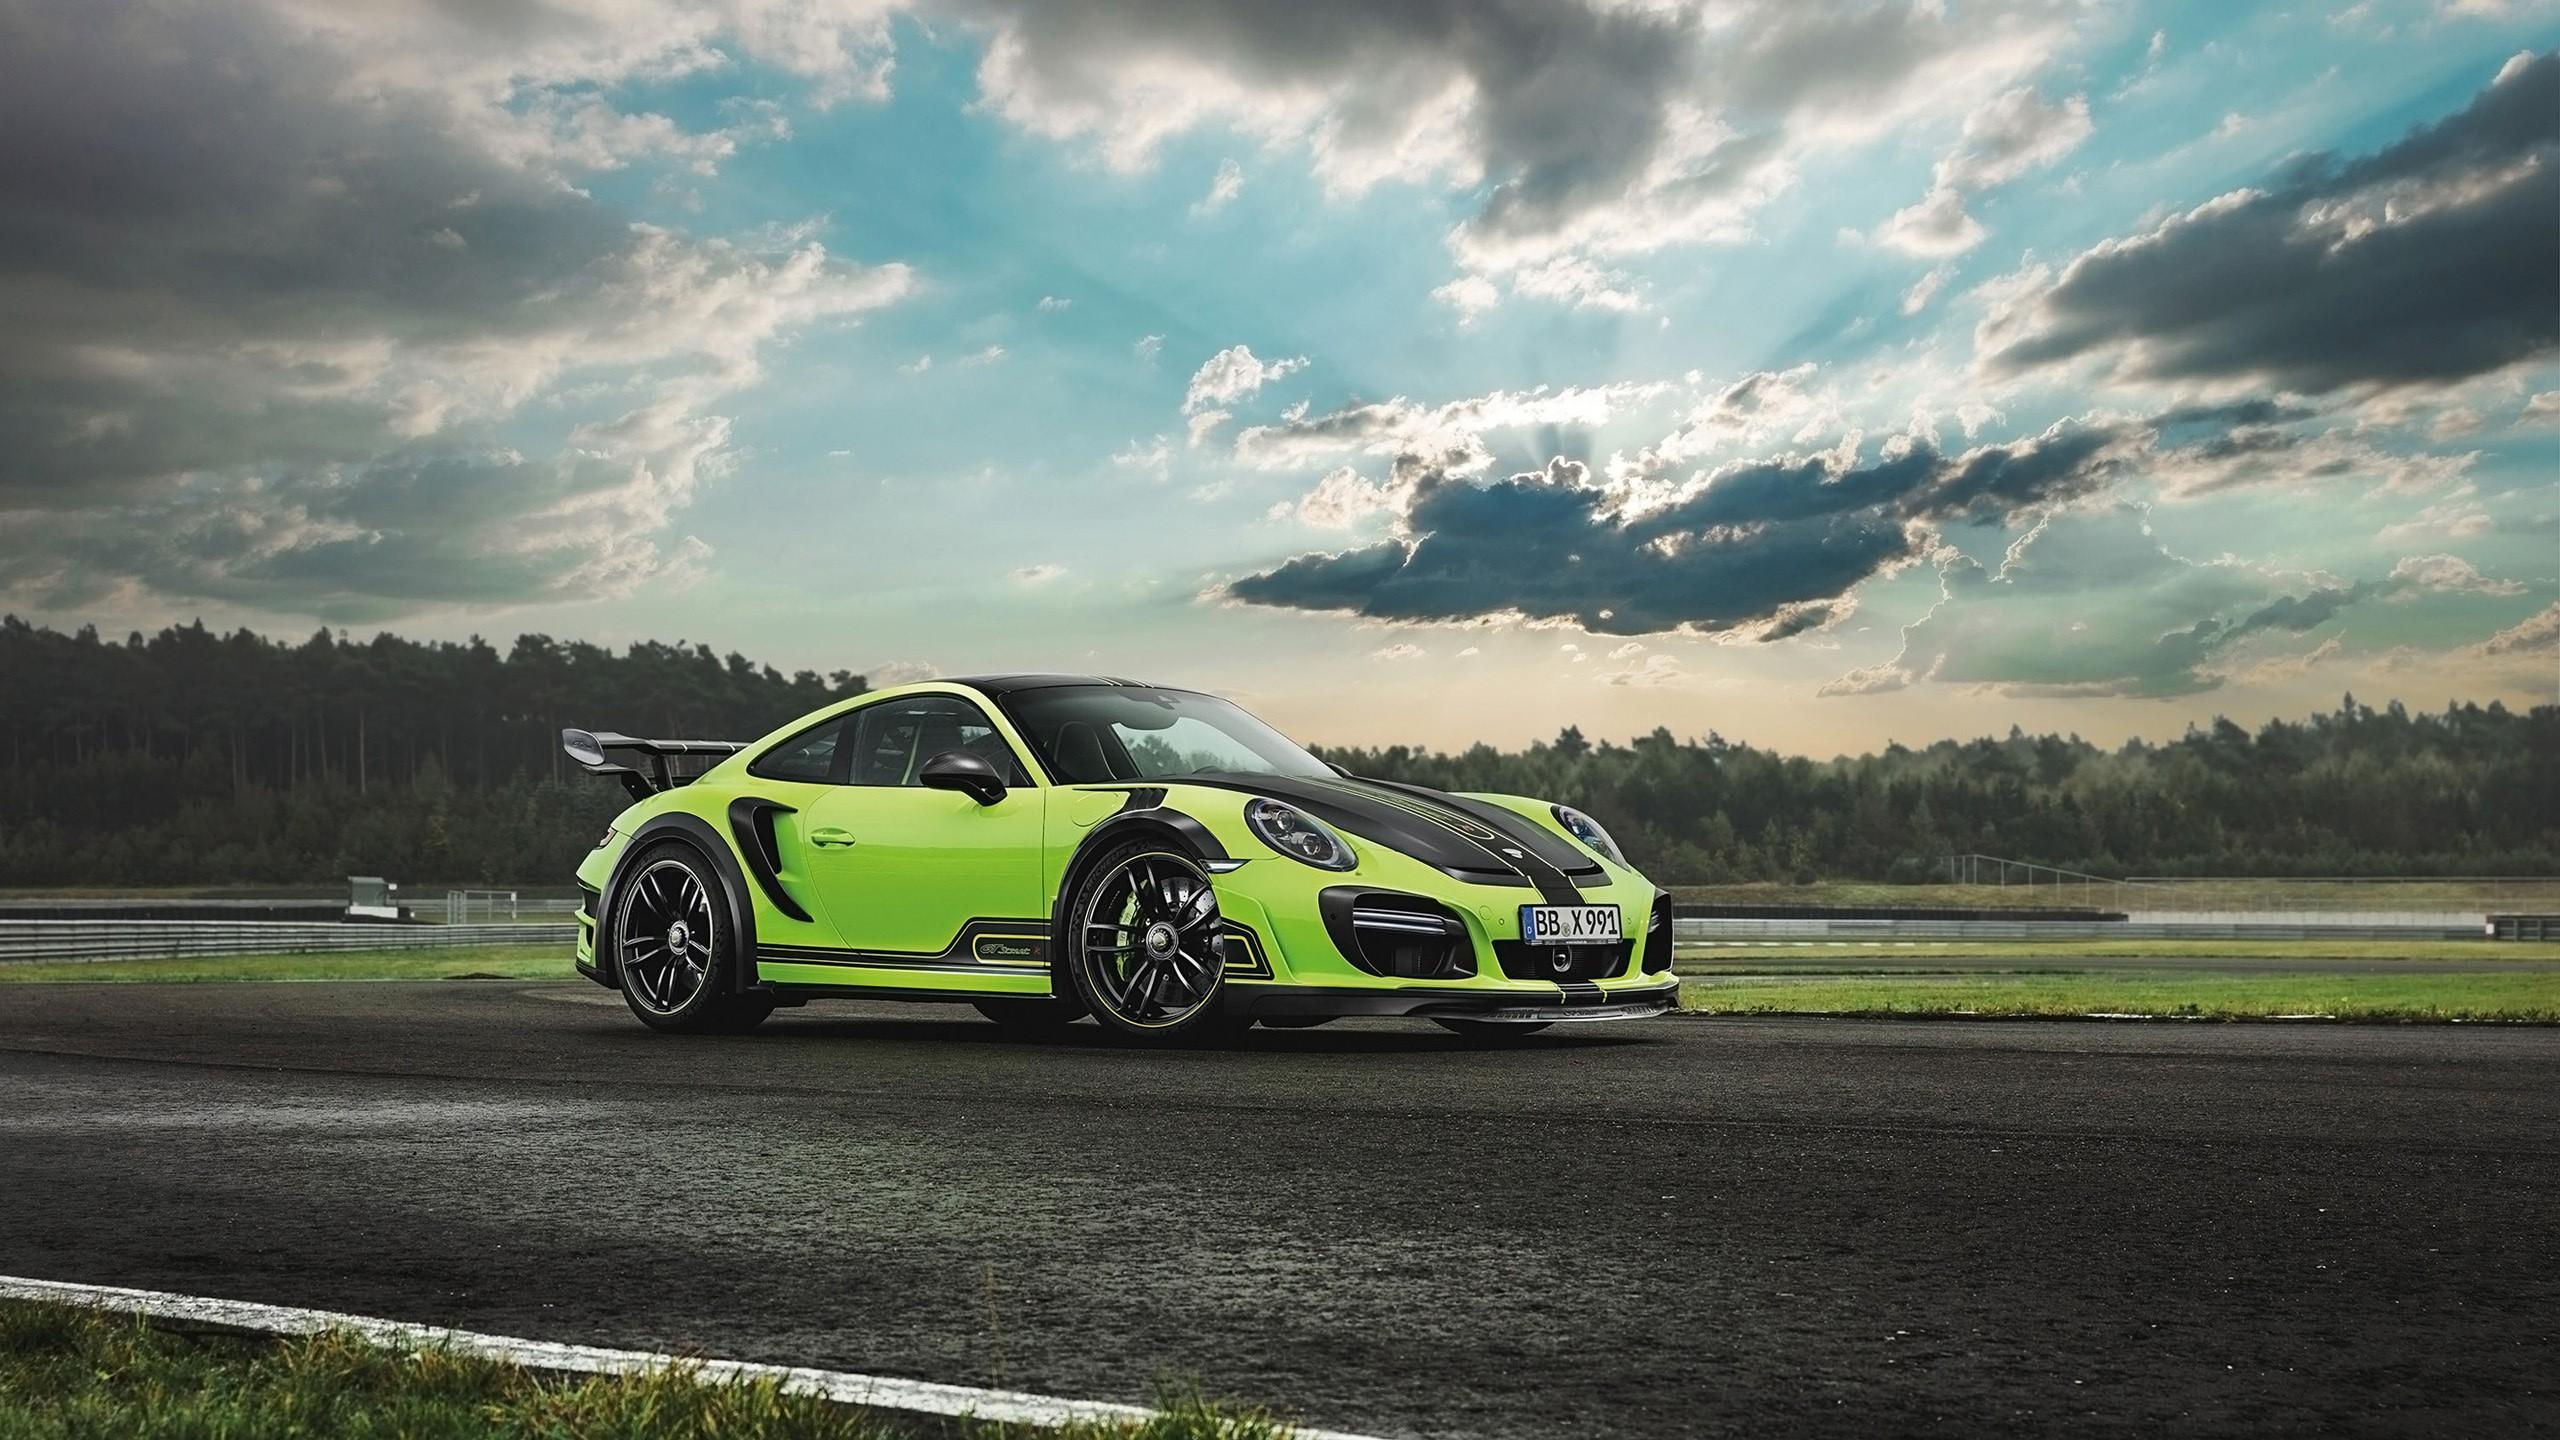 2016 Techart Porsche 911 Turbo Gtstreet R 3 Wallpaper Hd